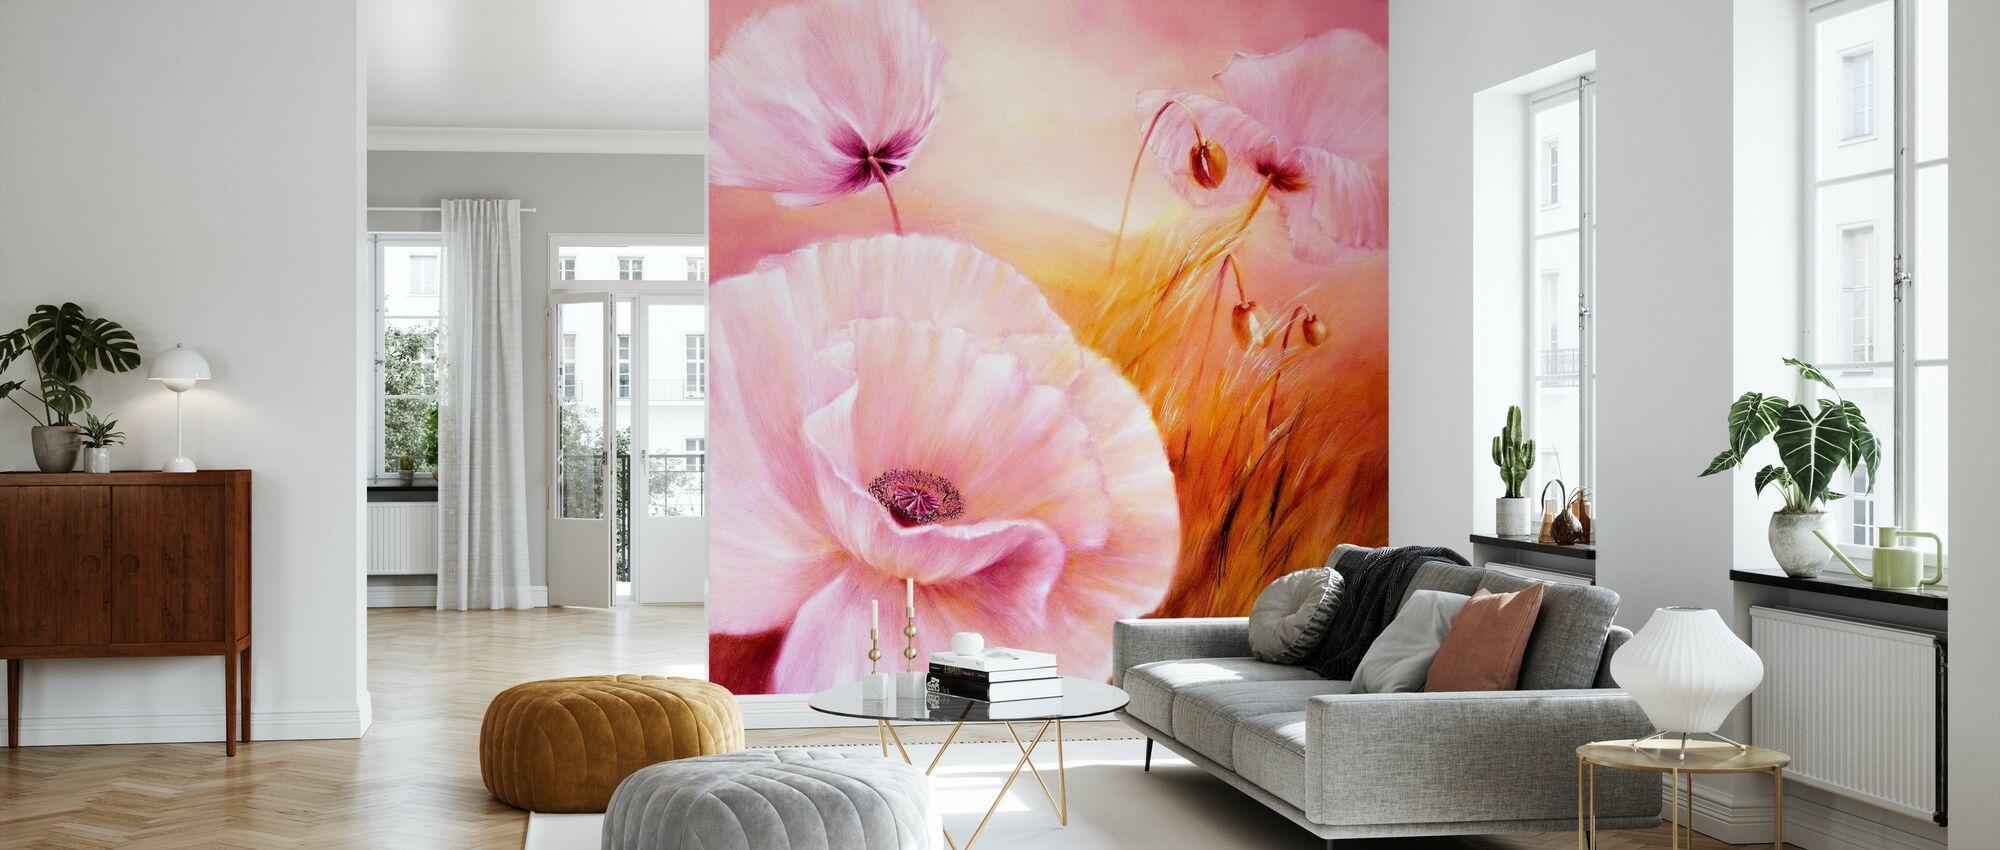 White Poppy III - Wallpaper - Living Room